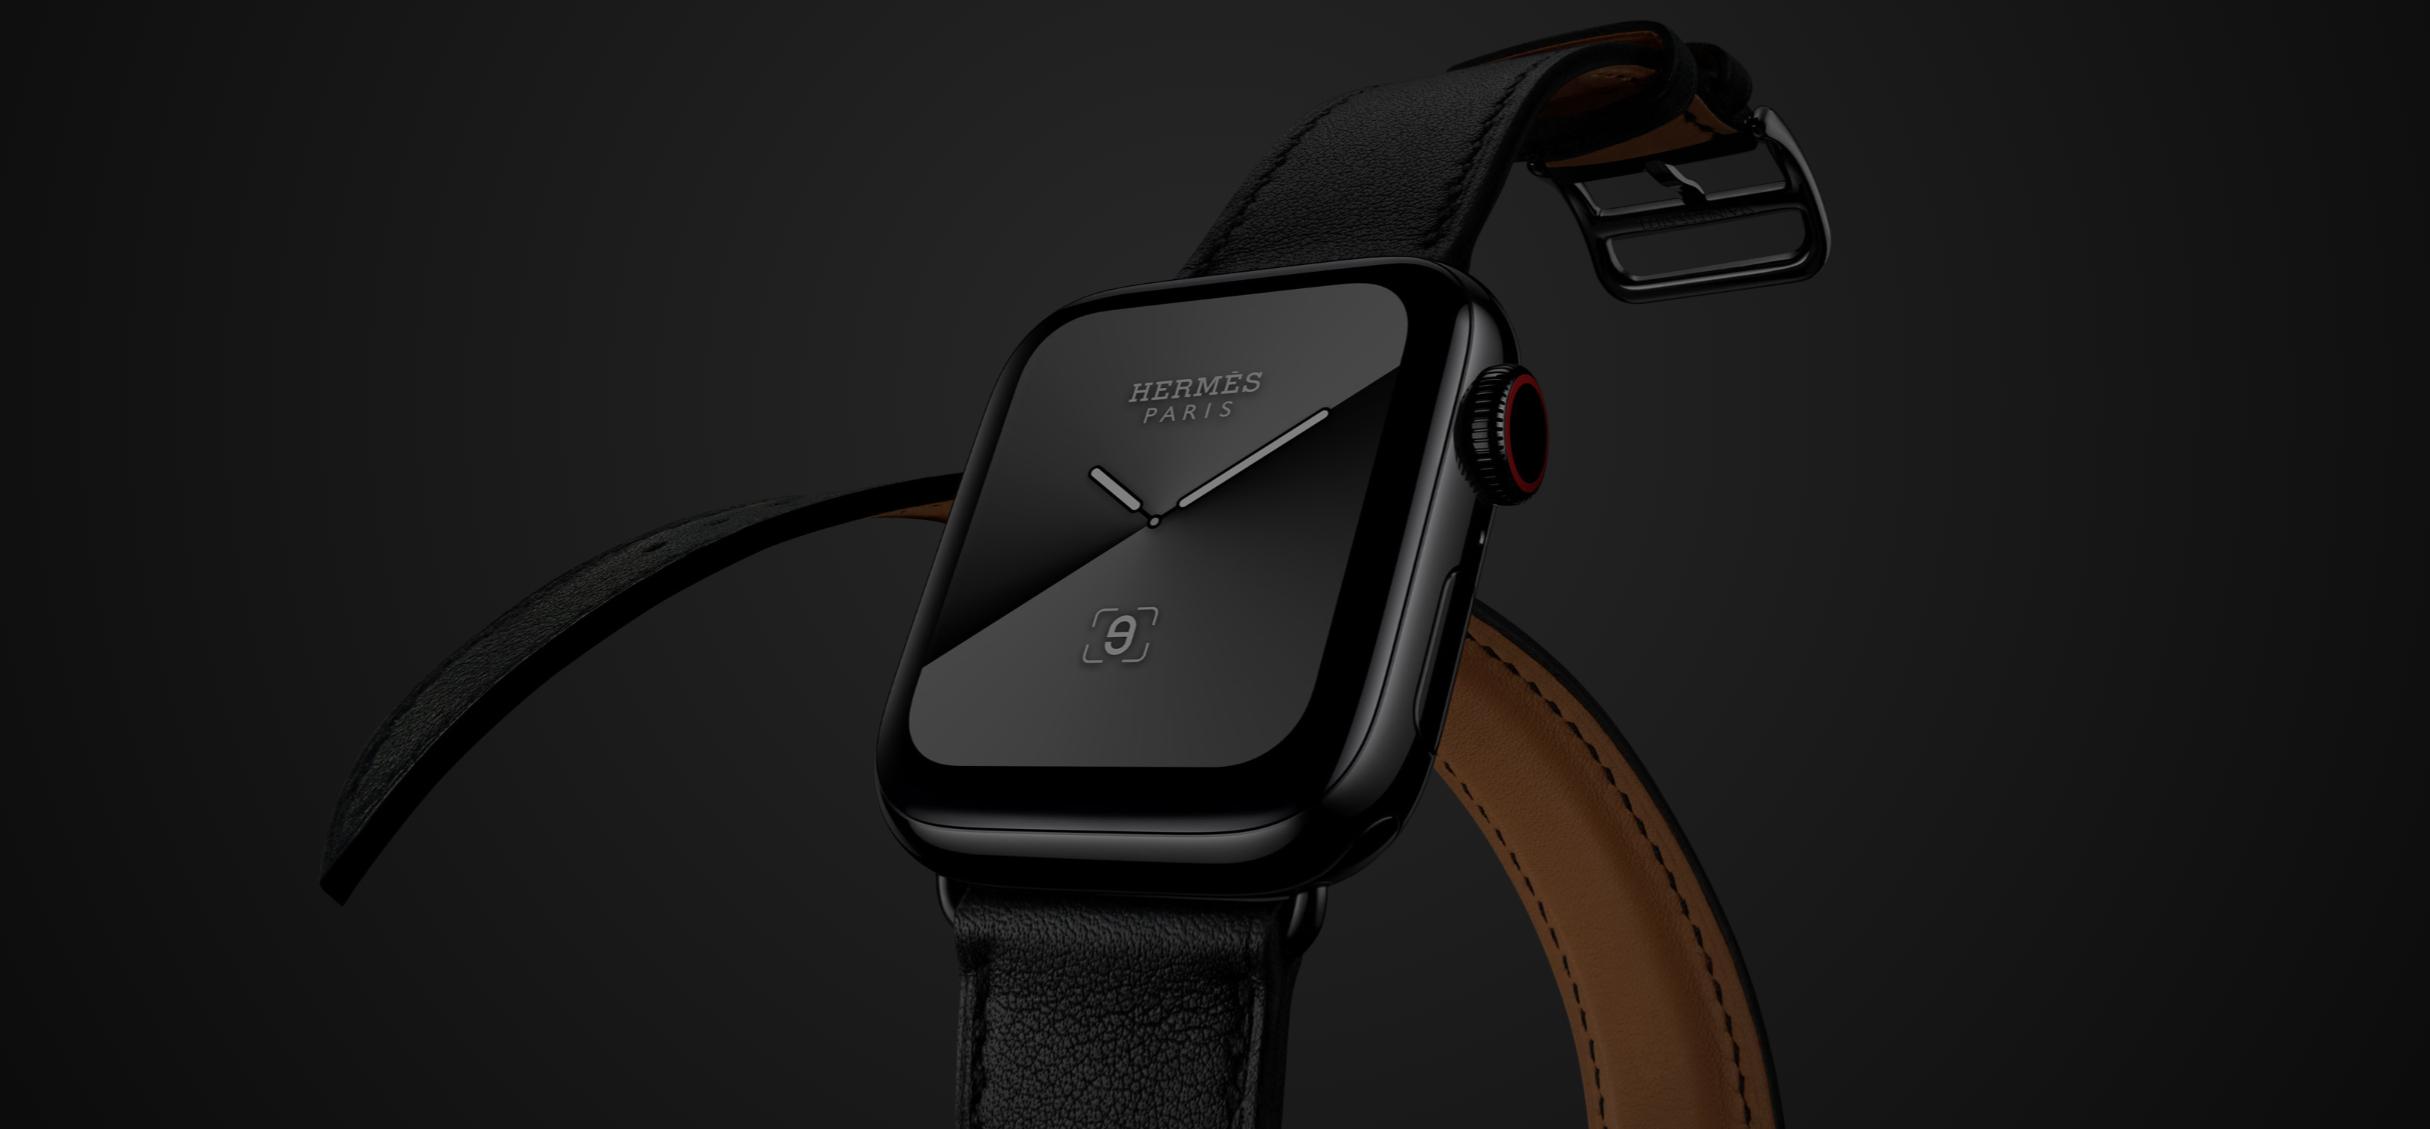 Apple WatchはセルラーとGPSモデルのどっちを選ぶ?違いや押さえるべきポイントまとめ!【MoNomad】